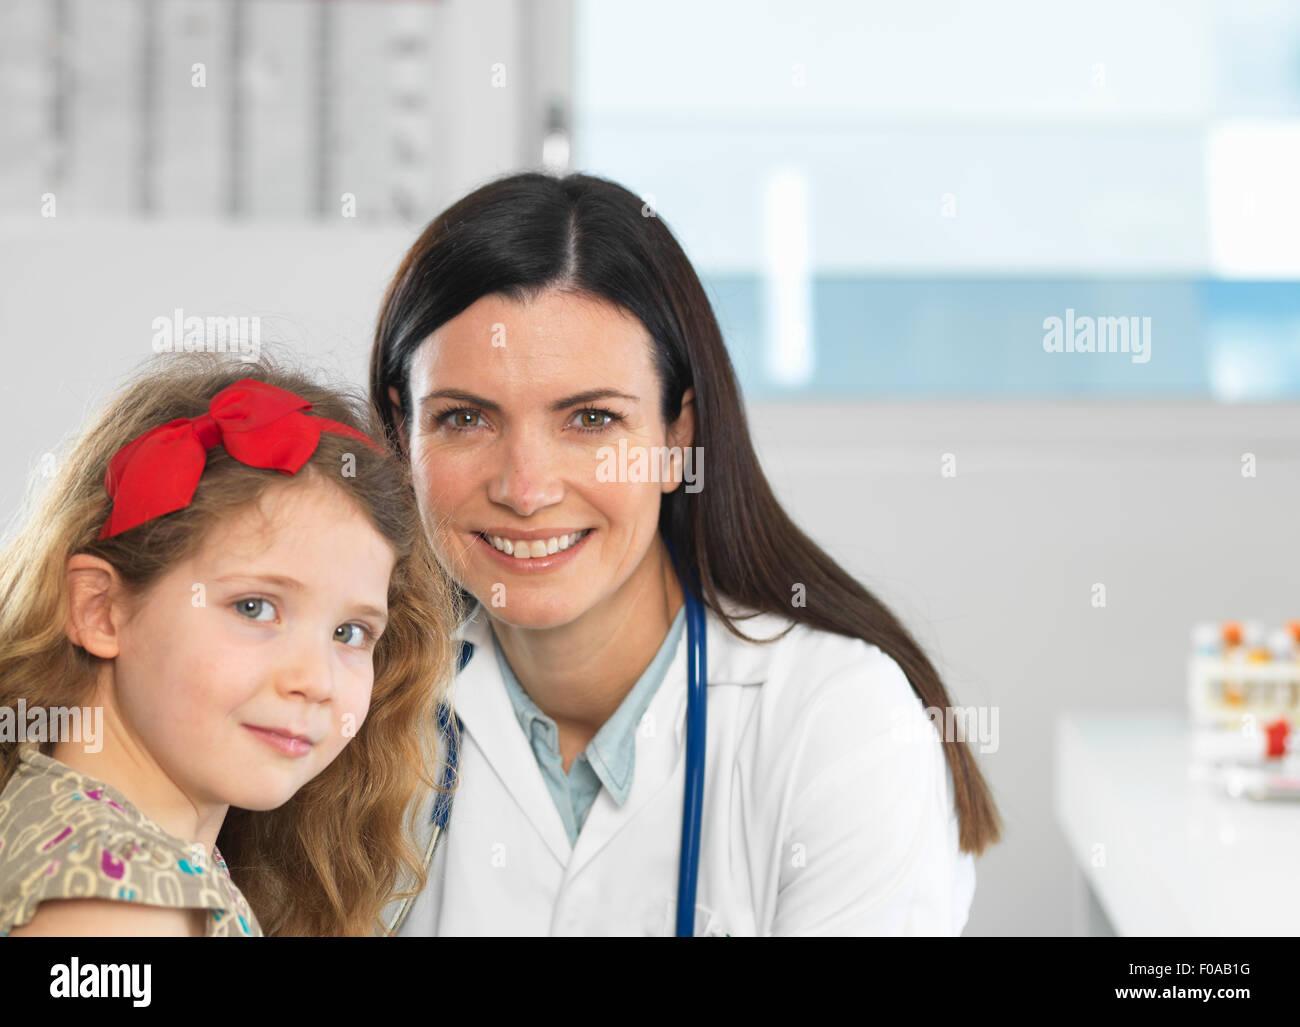 Verklebung mit jungen Mädchen während der Konsultation Arzt Stockbild